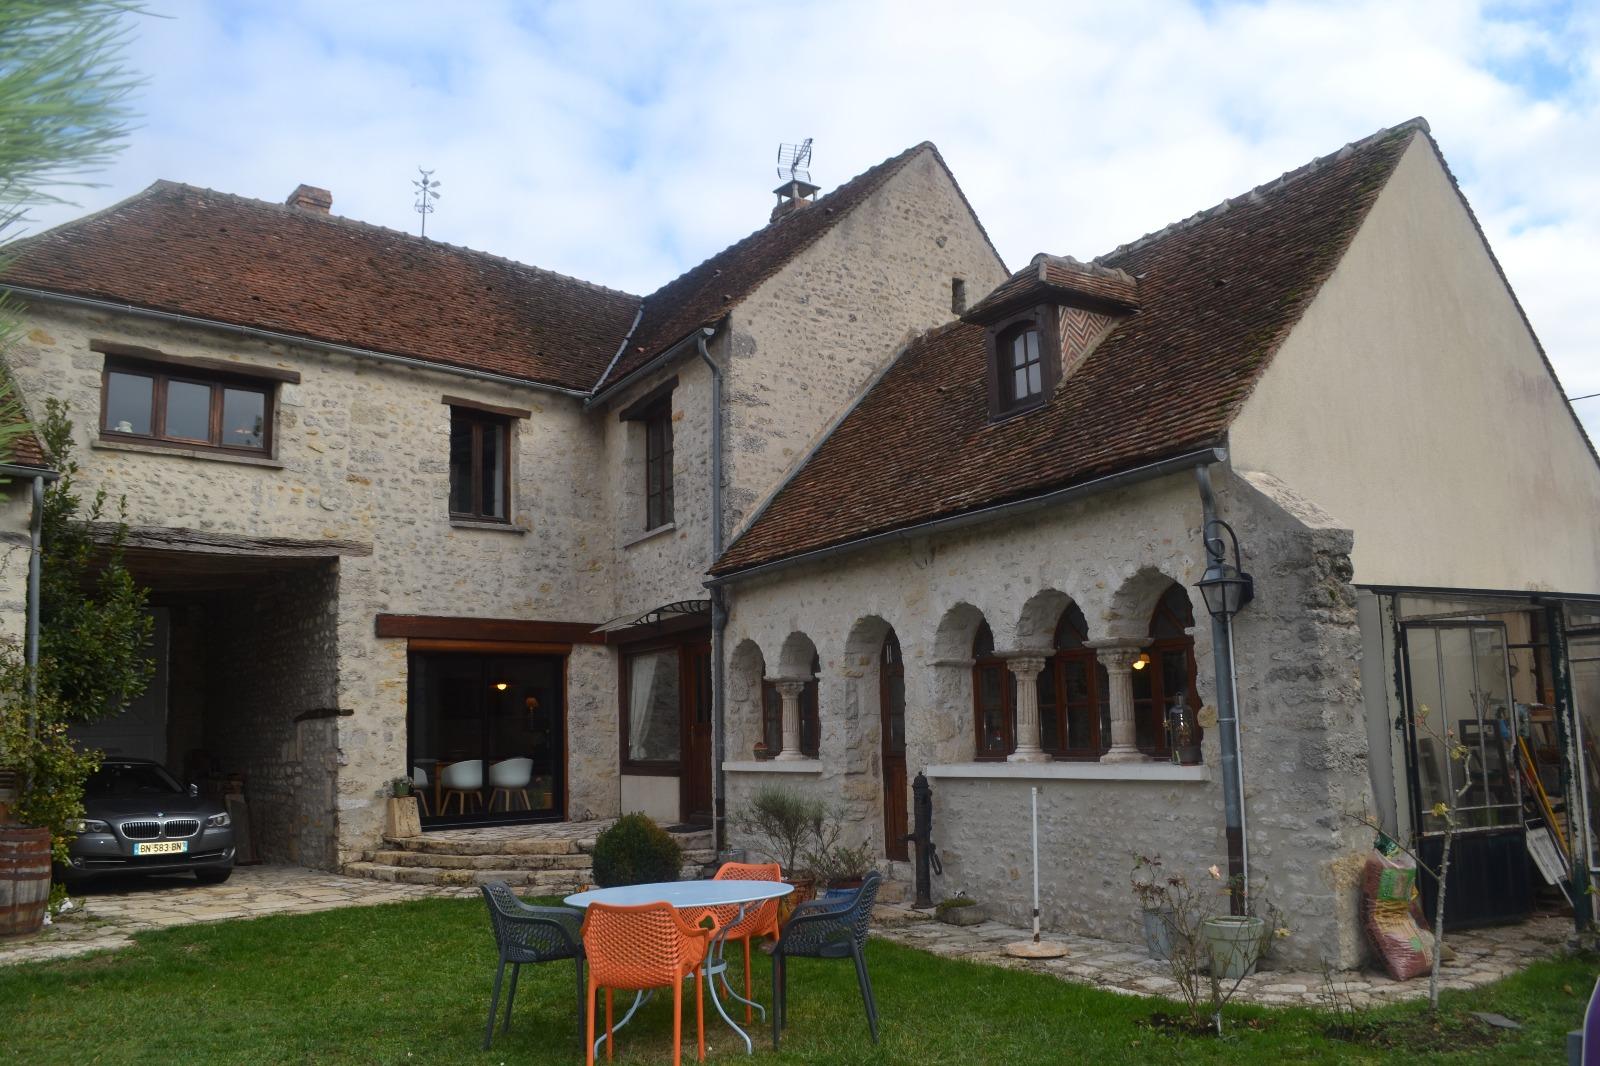 Maison ancienne de charme en pierre - Photos maisons anciennes ...